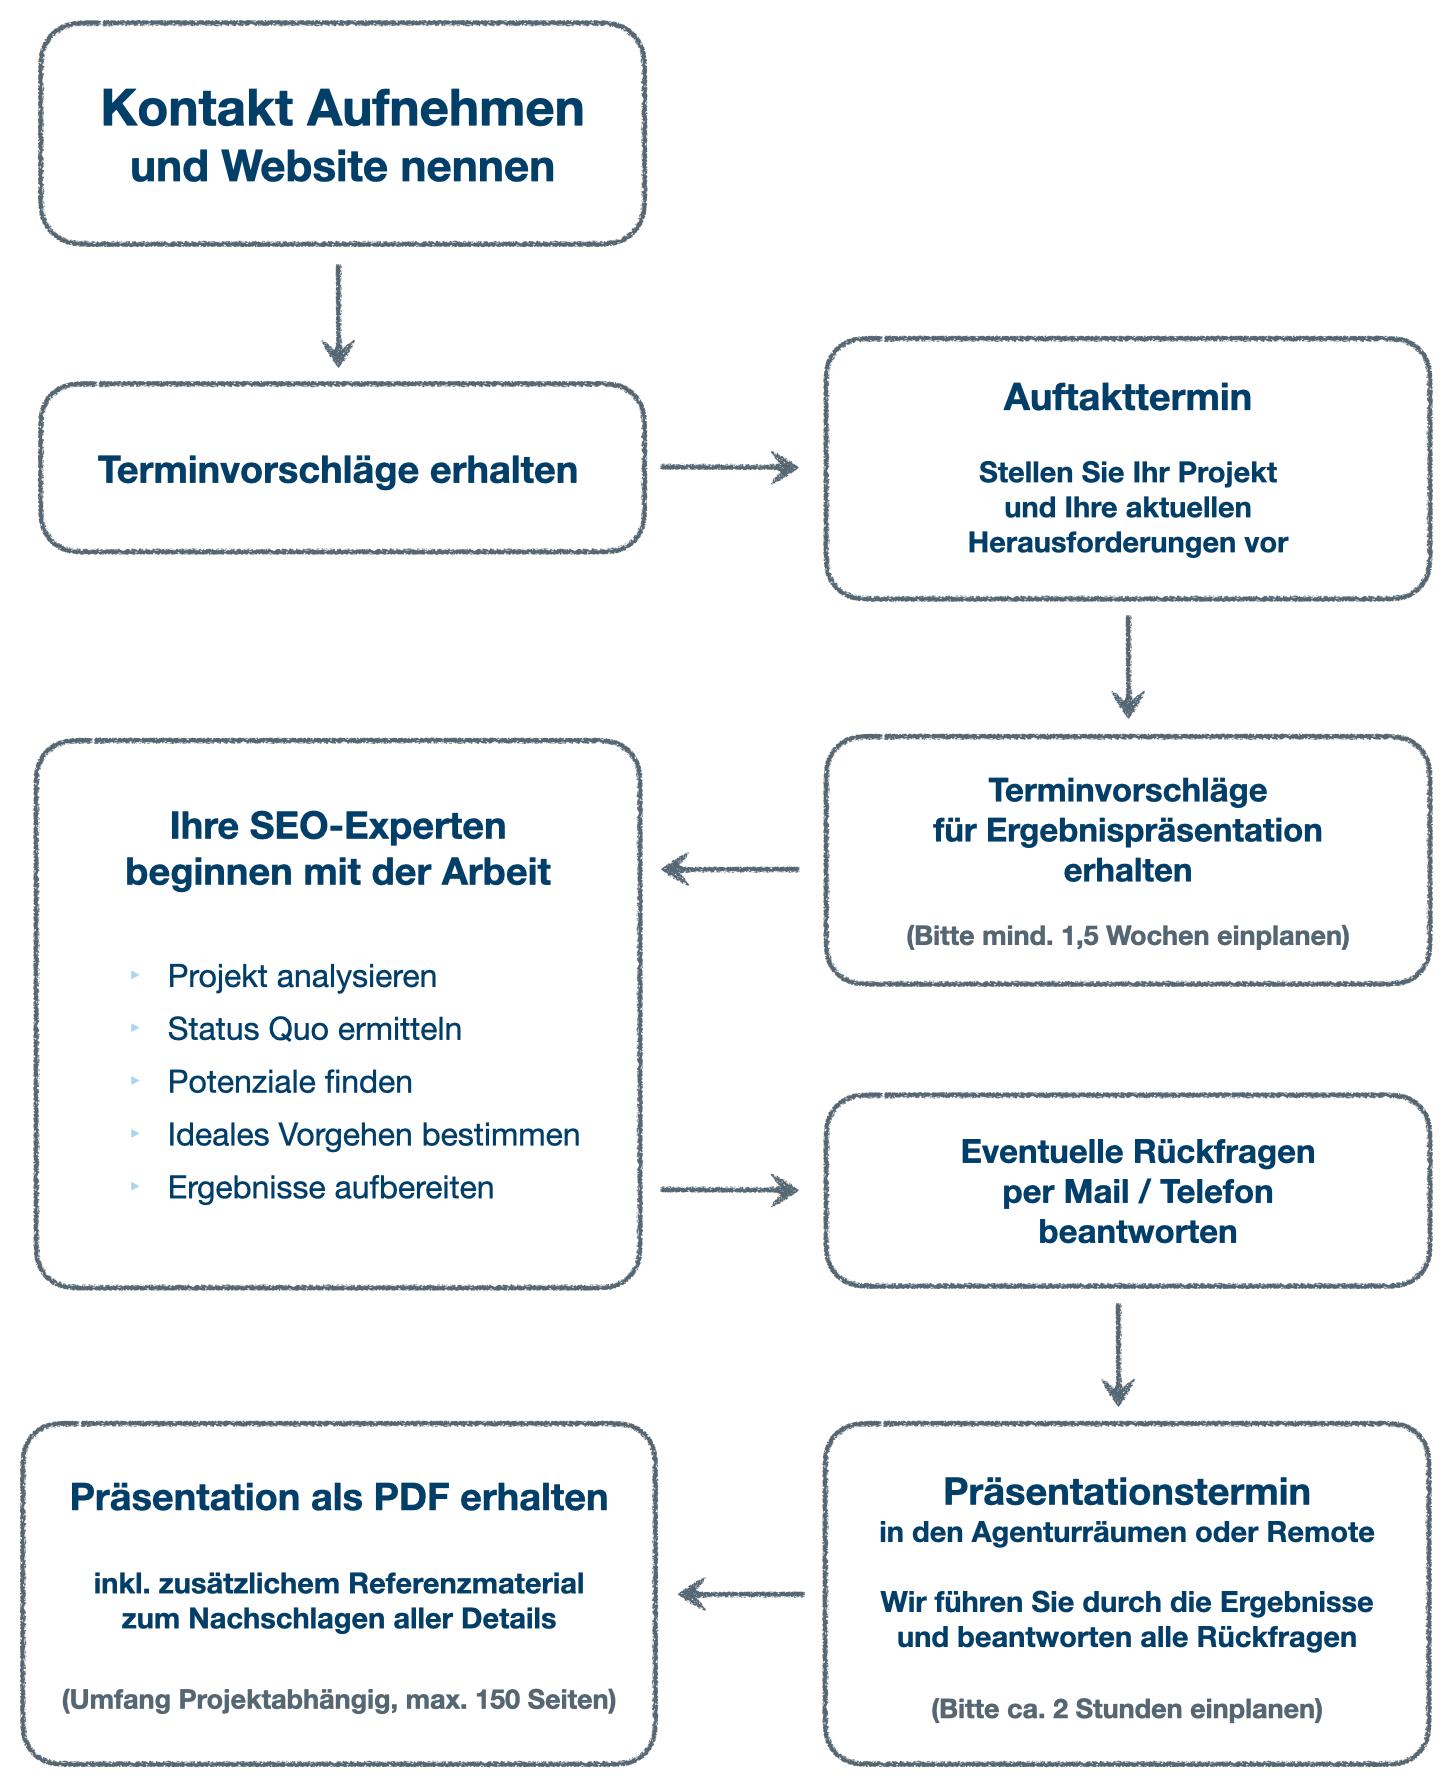 Schaugrafik / Diagramm - Ablauf einer SEO-Beratung.